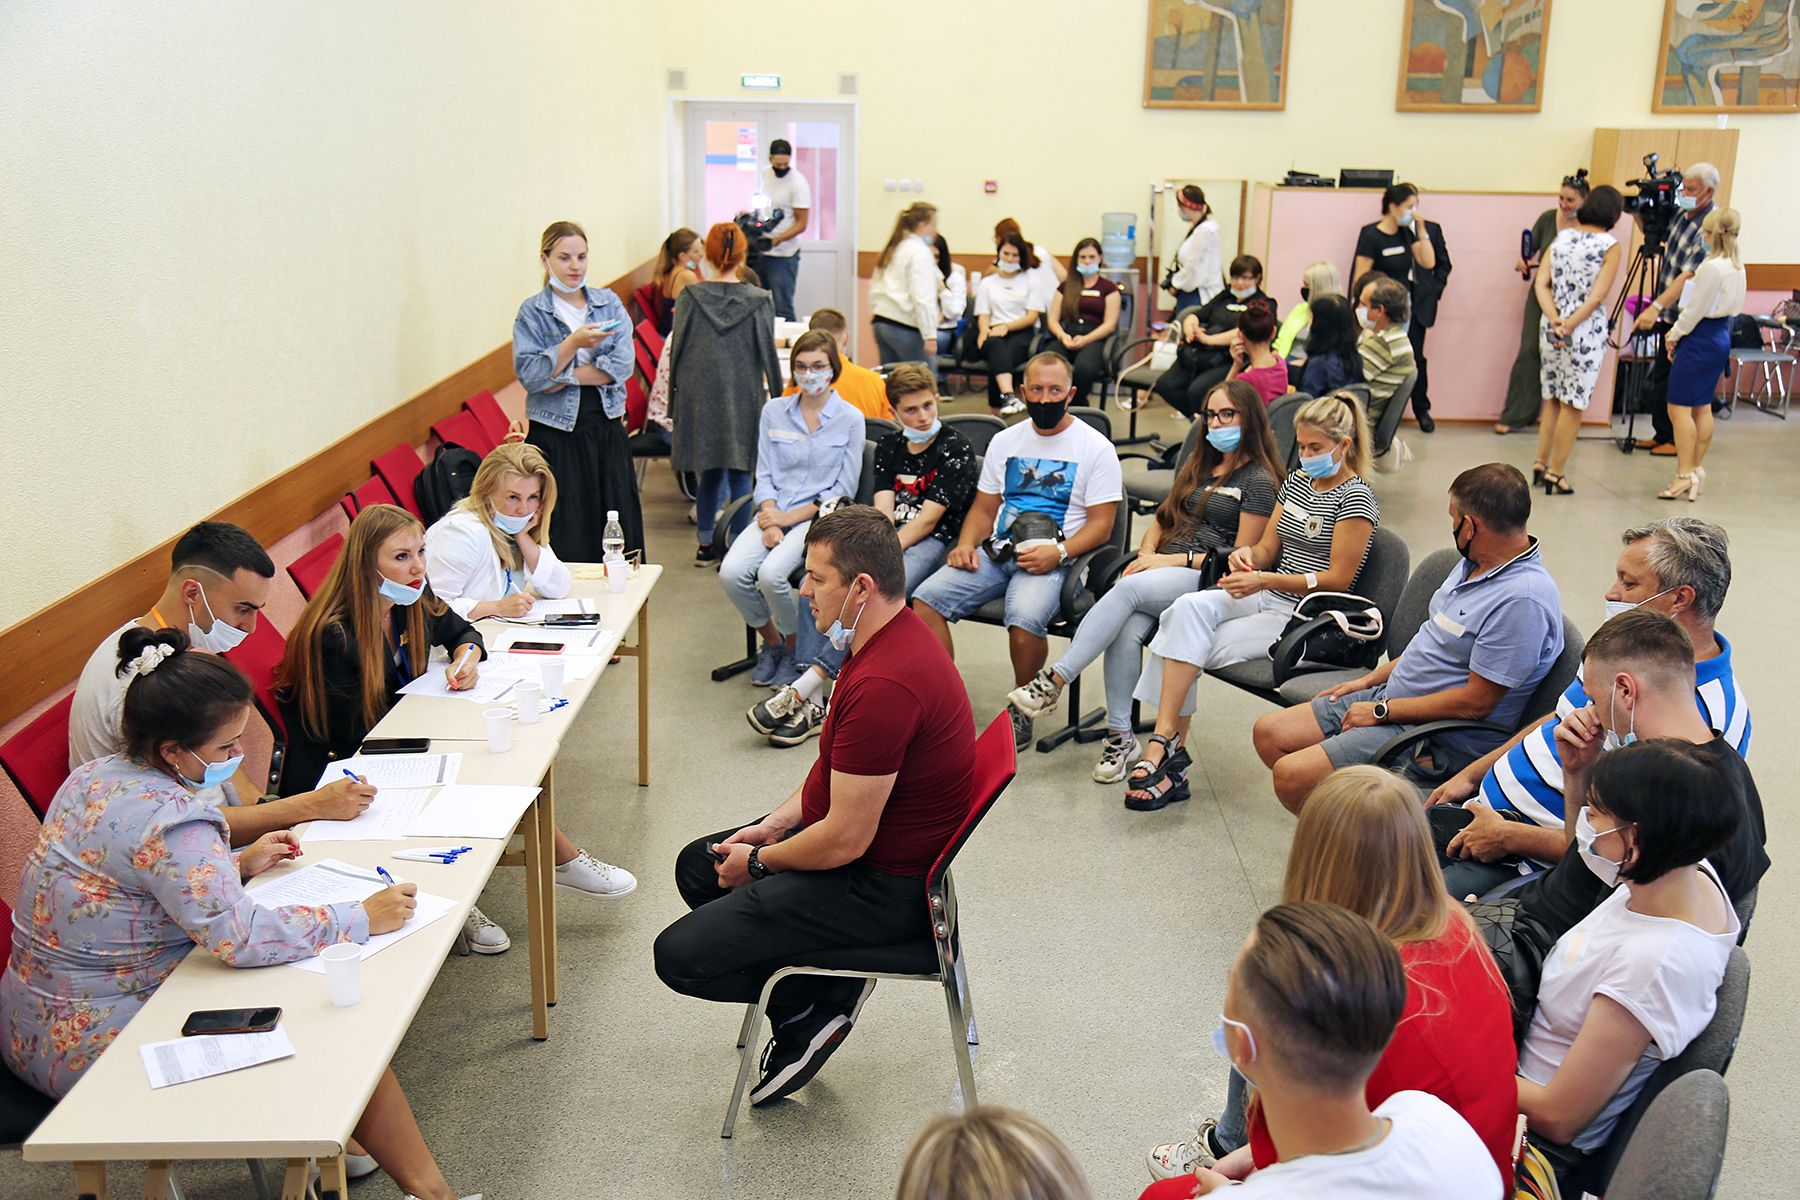 Стартовал уникальный образовательный проект ВГУЭС: более 100 приморцев начали обучение по программе «Кадры для бизнеса»